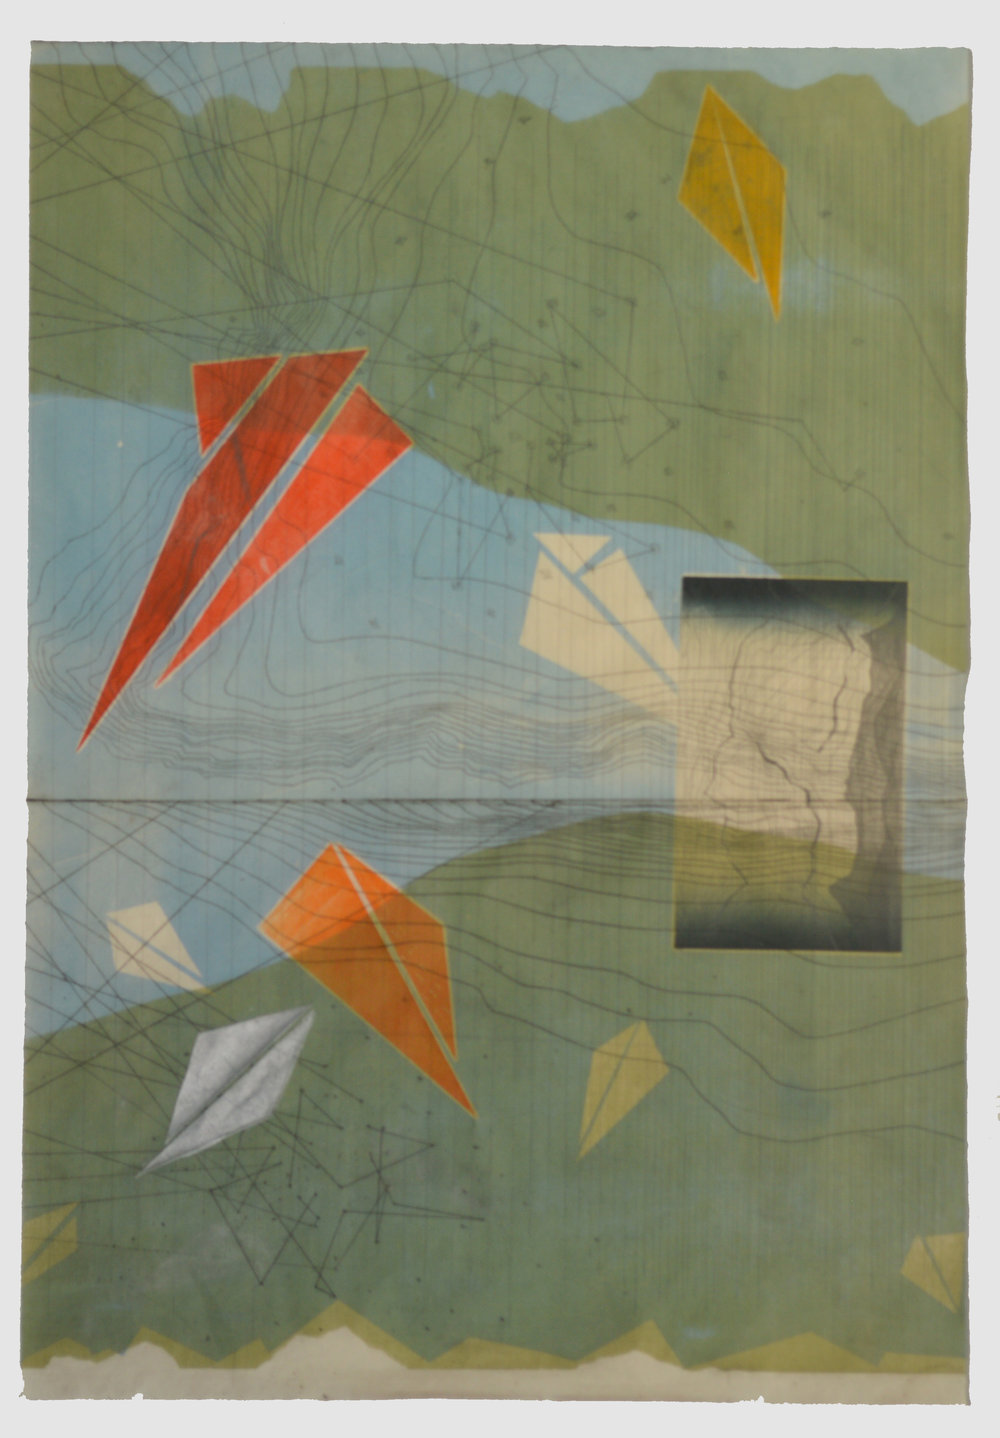 tethered kites left.JPG